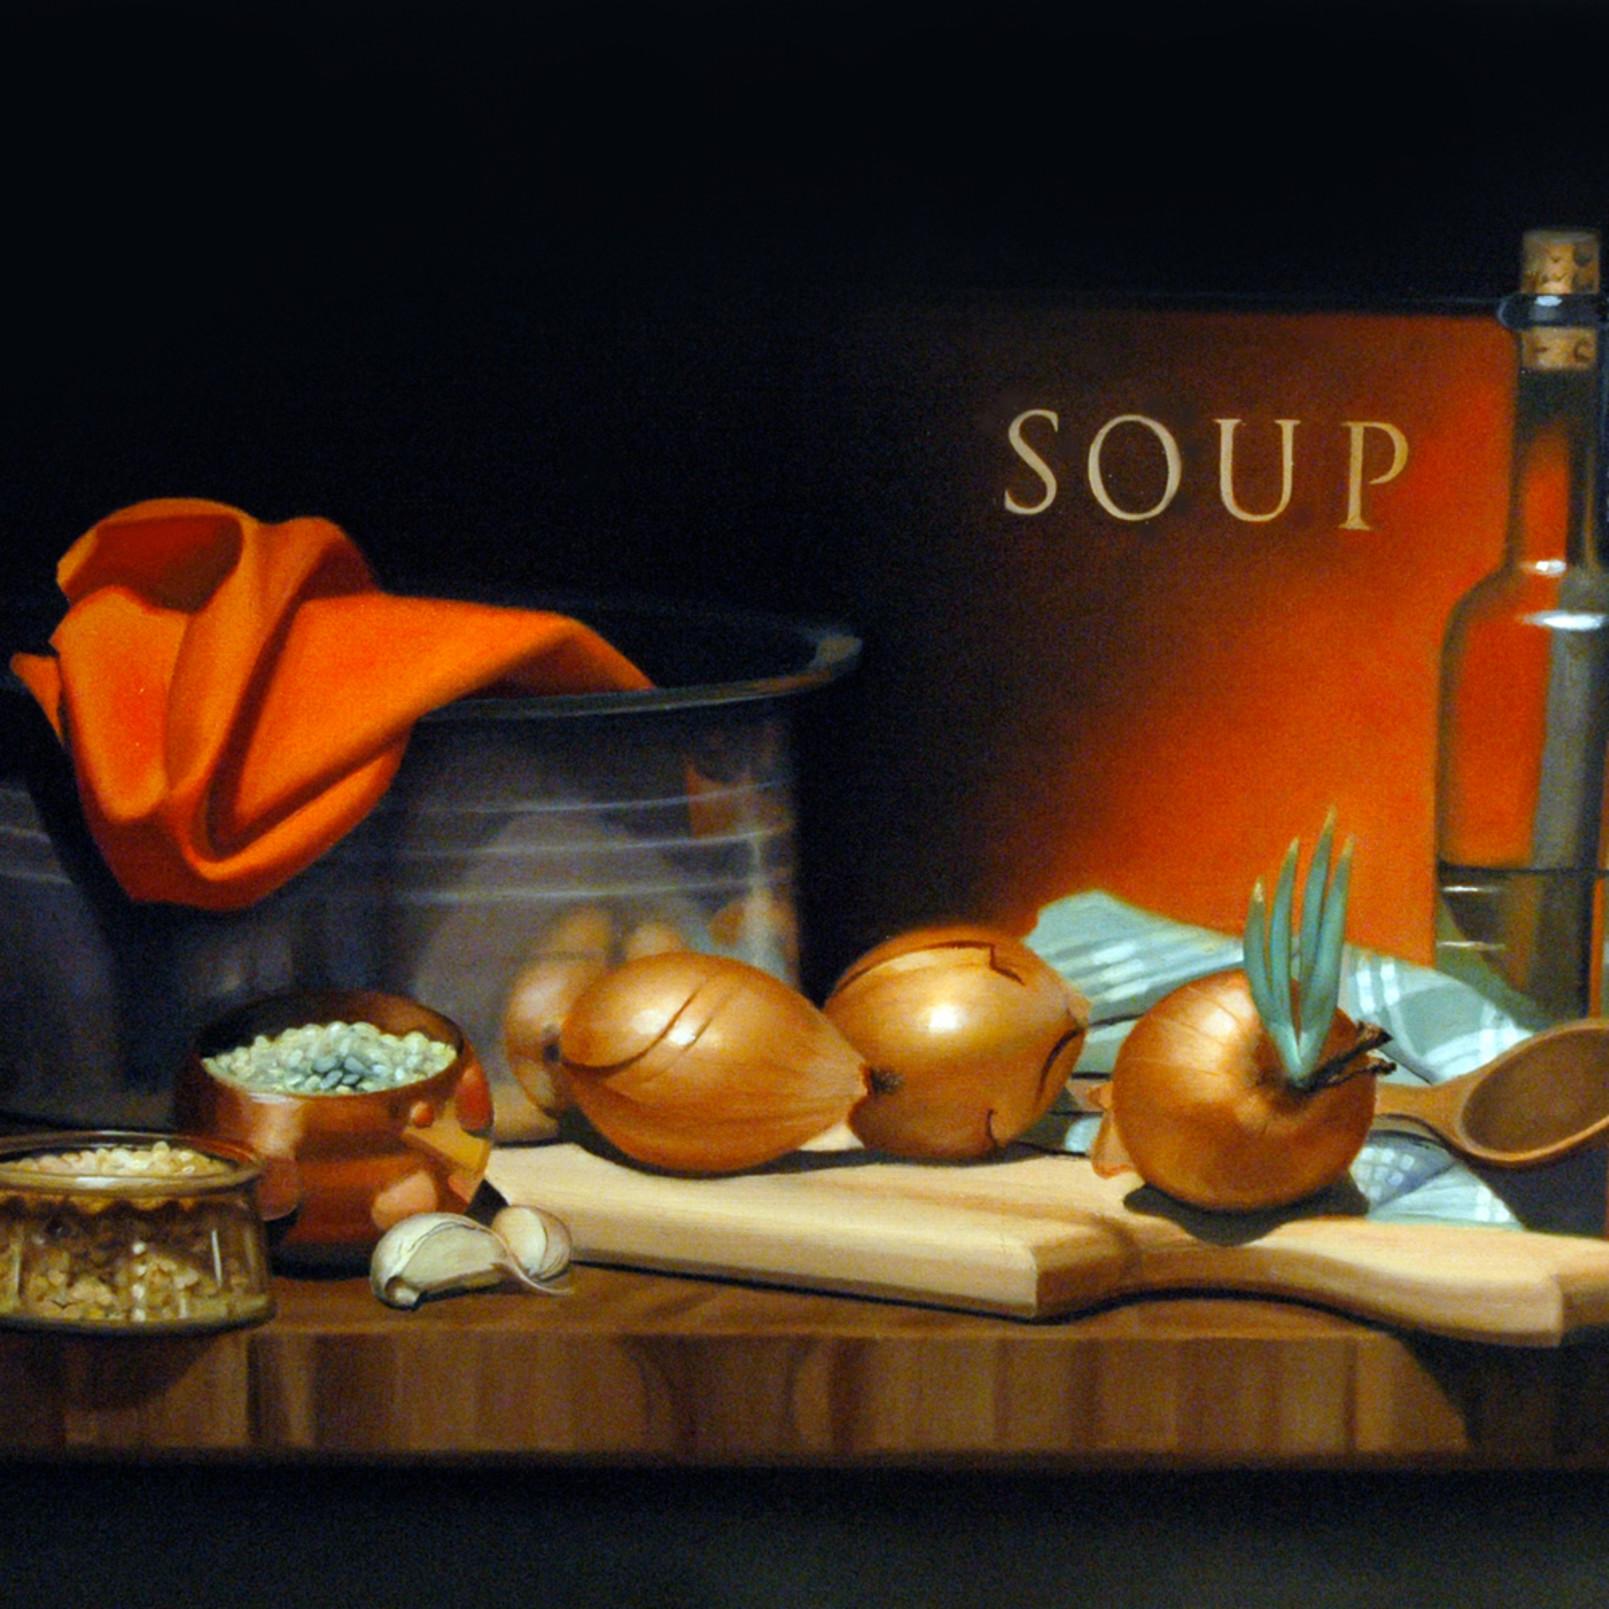 Soup nms6sp